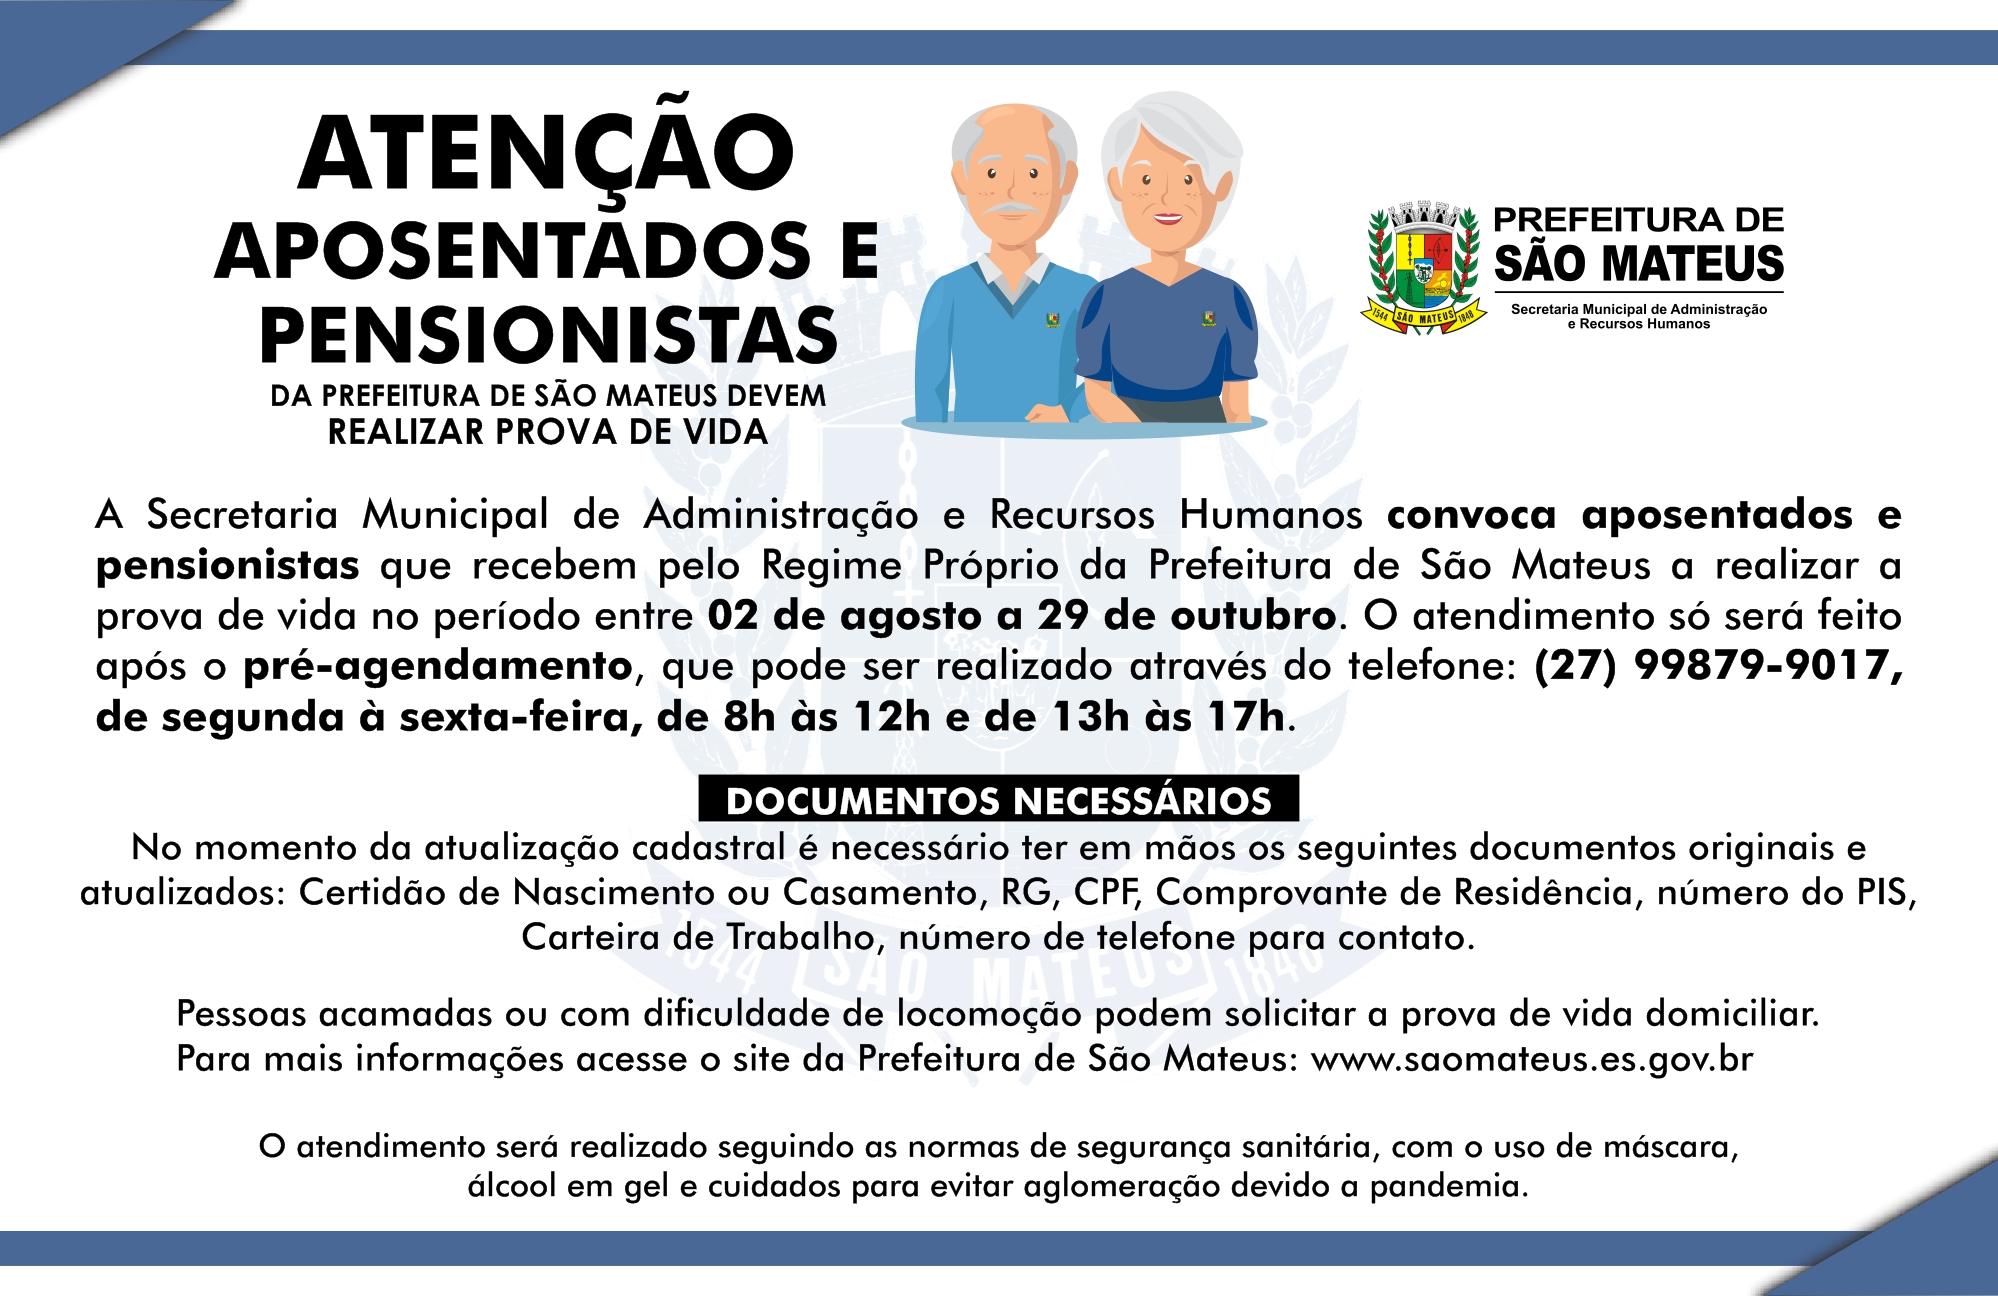 PREFEITURA CONVOCA APOSENTADOS E PENSIONISTAS DO PODER EXECUTIVO MUNICIPAL PARA REALIZAR PROVA DE VIDA